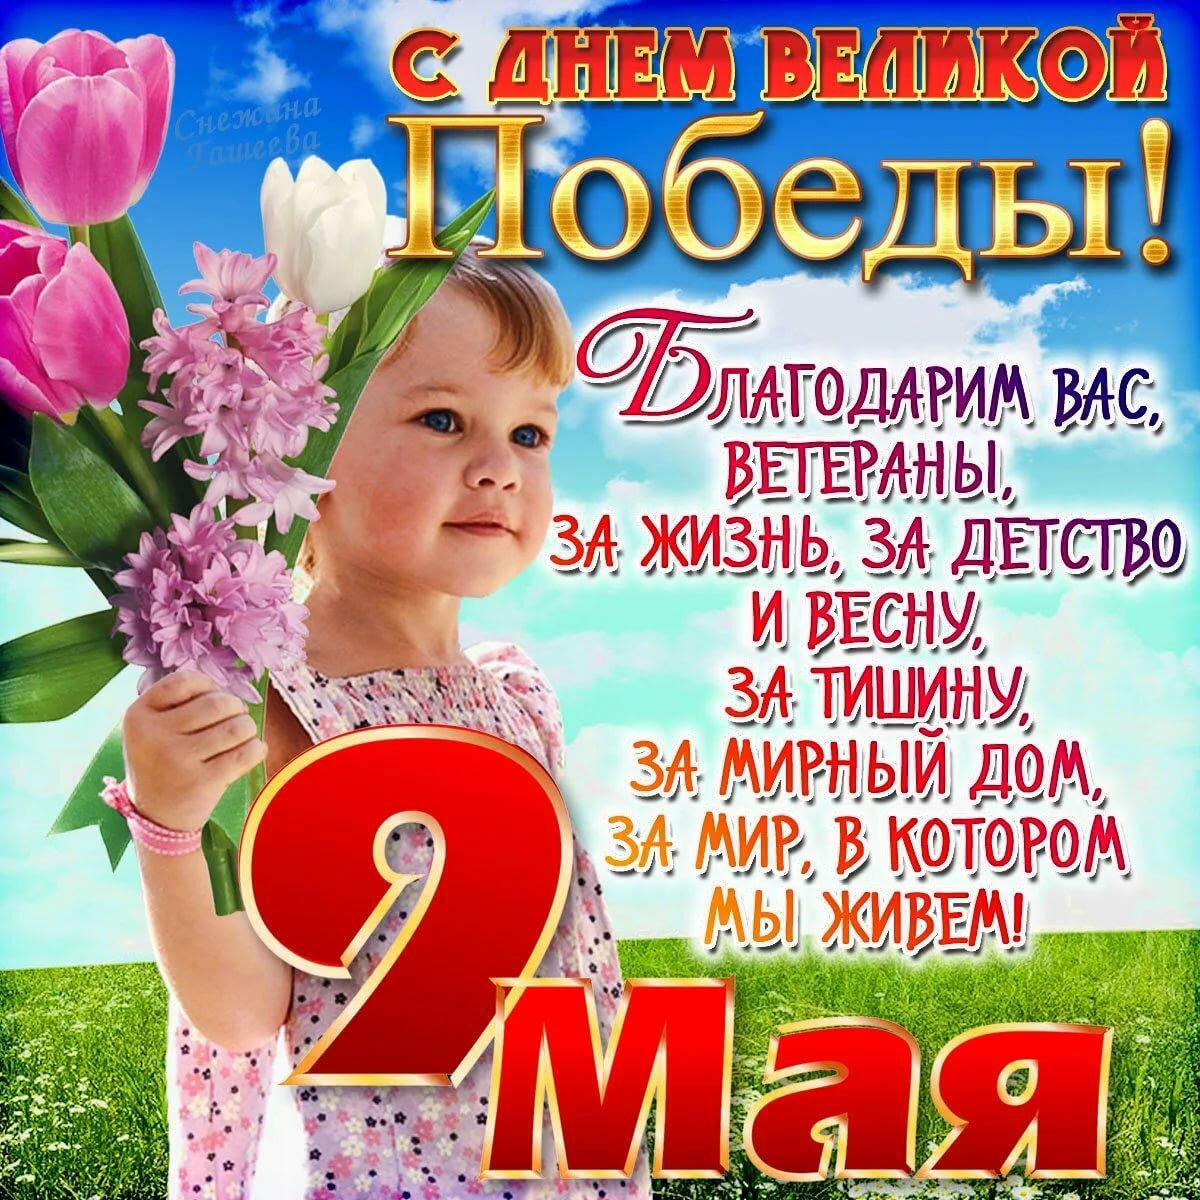 Коллектив, открытки с днем победы-9 мая